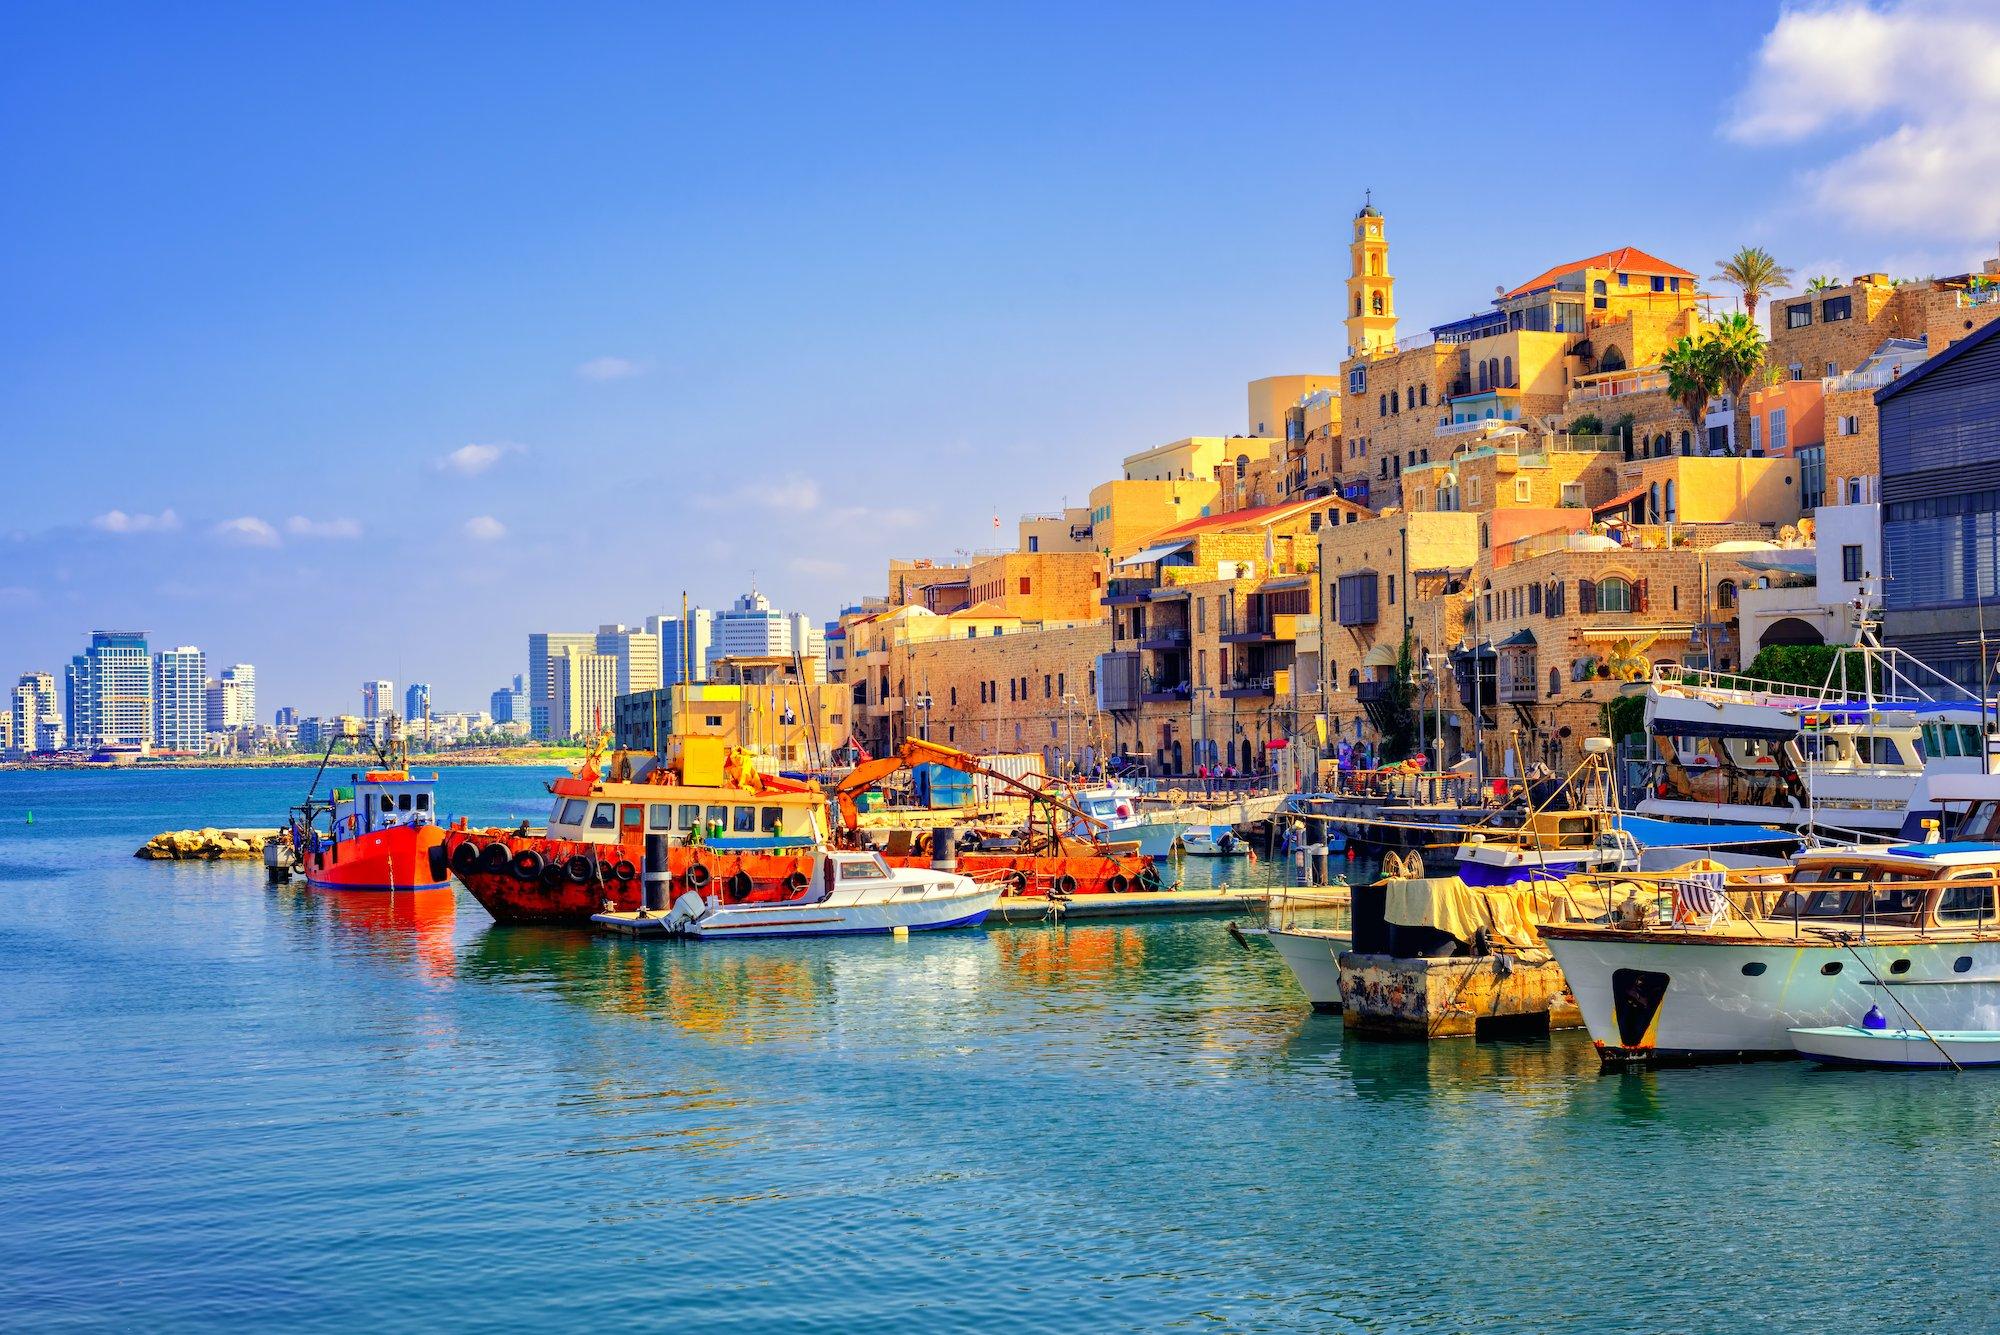 בדיקת קורונה עד הבית בכל רחבי ישראל